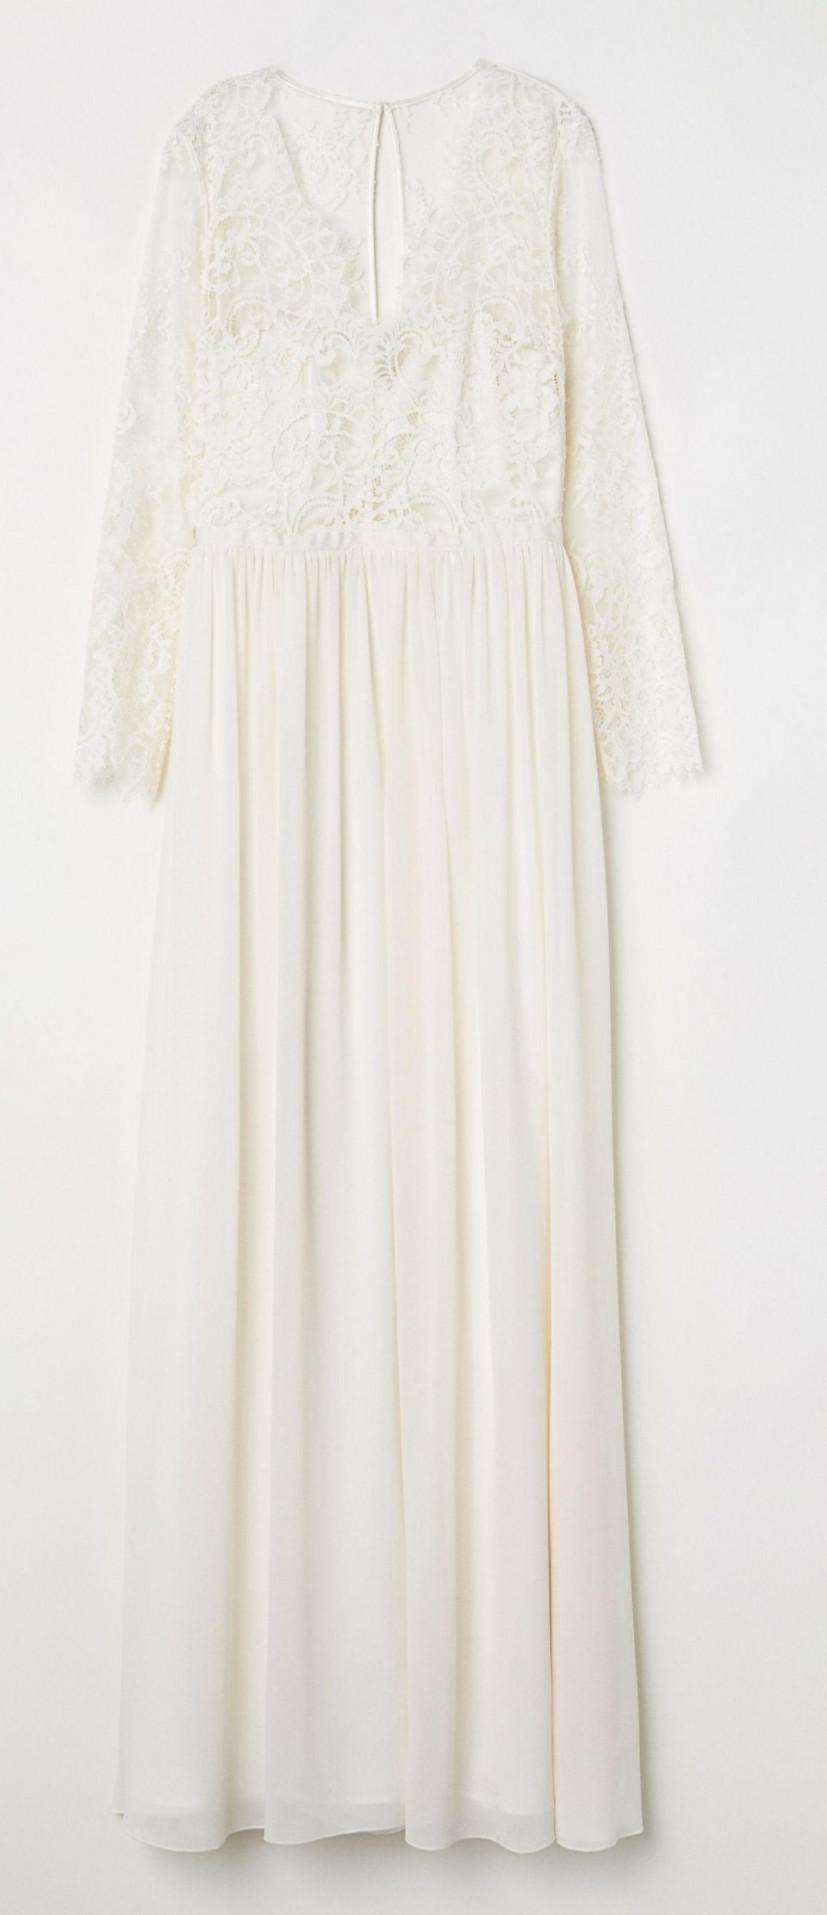 Váy cưới giá chỉ từ 1 triệu đồng cho cô dâu ngân sách eo hẹp Ảnh 5